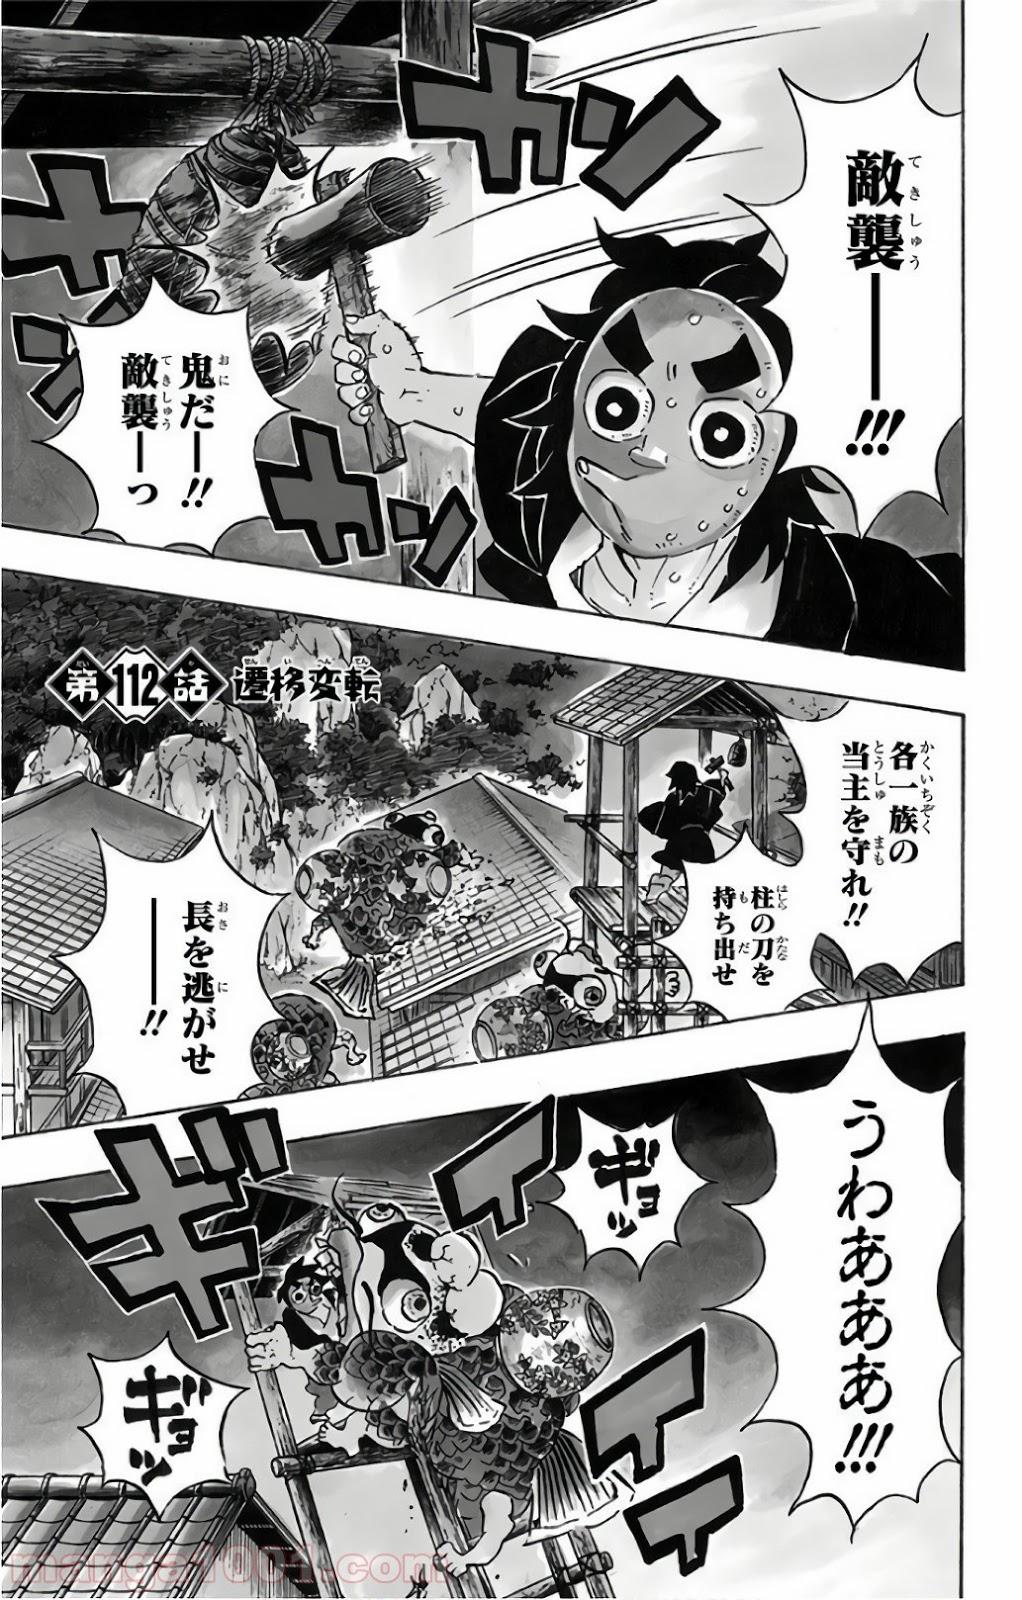 漫画raw鬼滅の刃 Kimetsu no